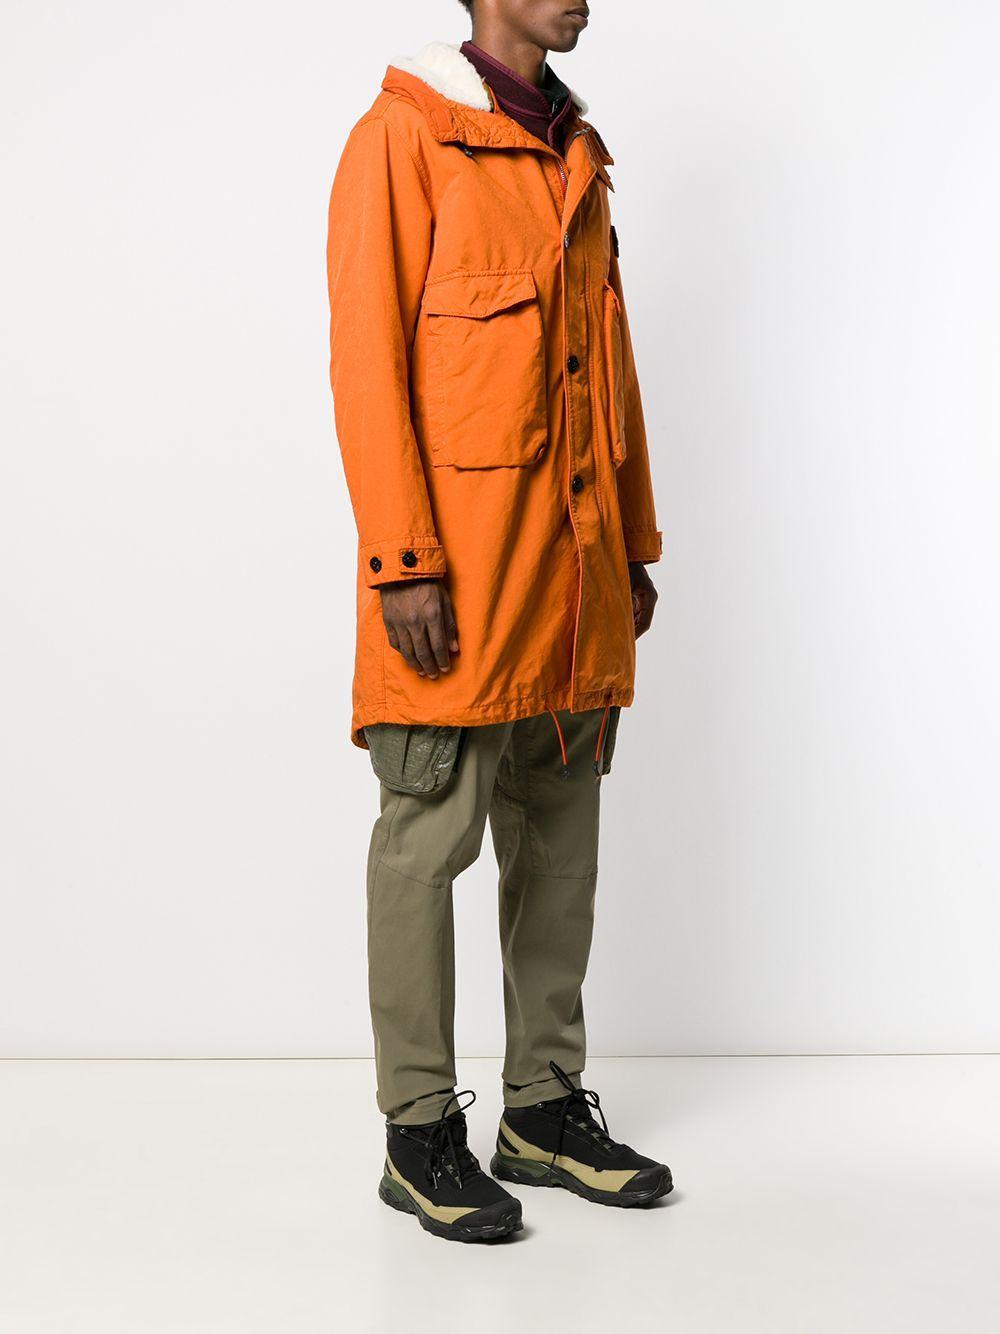 Stone Island Synthetisch Lammy Coat in het Oranje voor heren